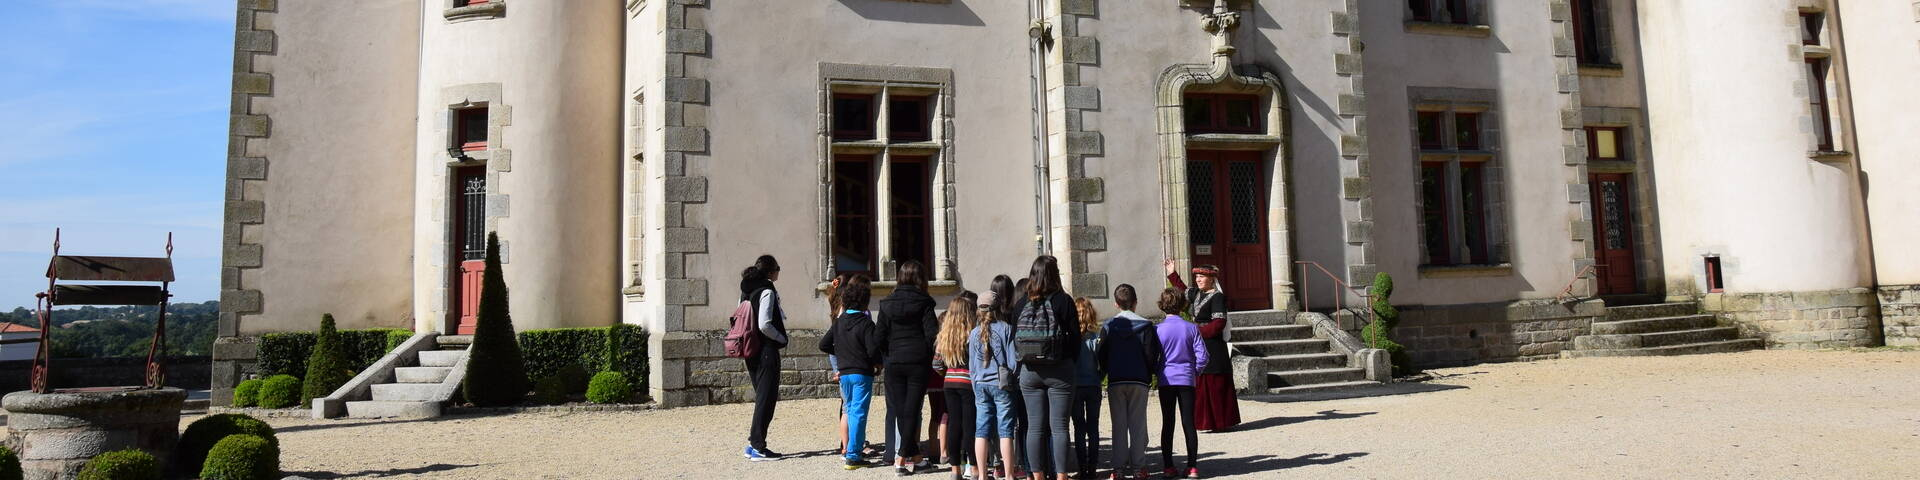 Château de Bressuire @OTBB